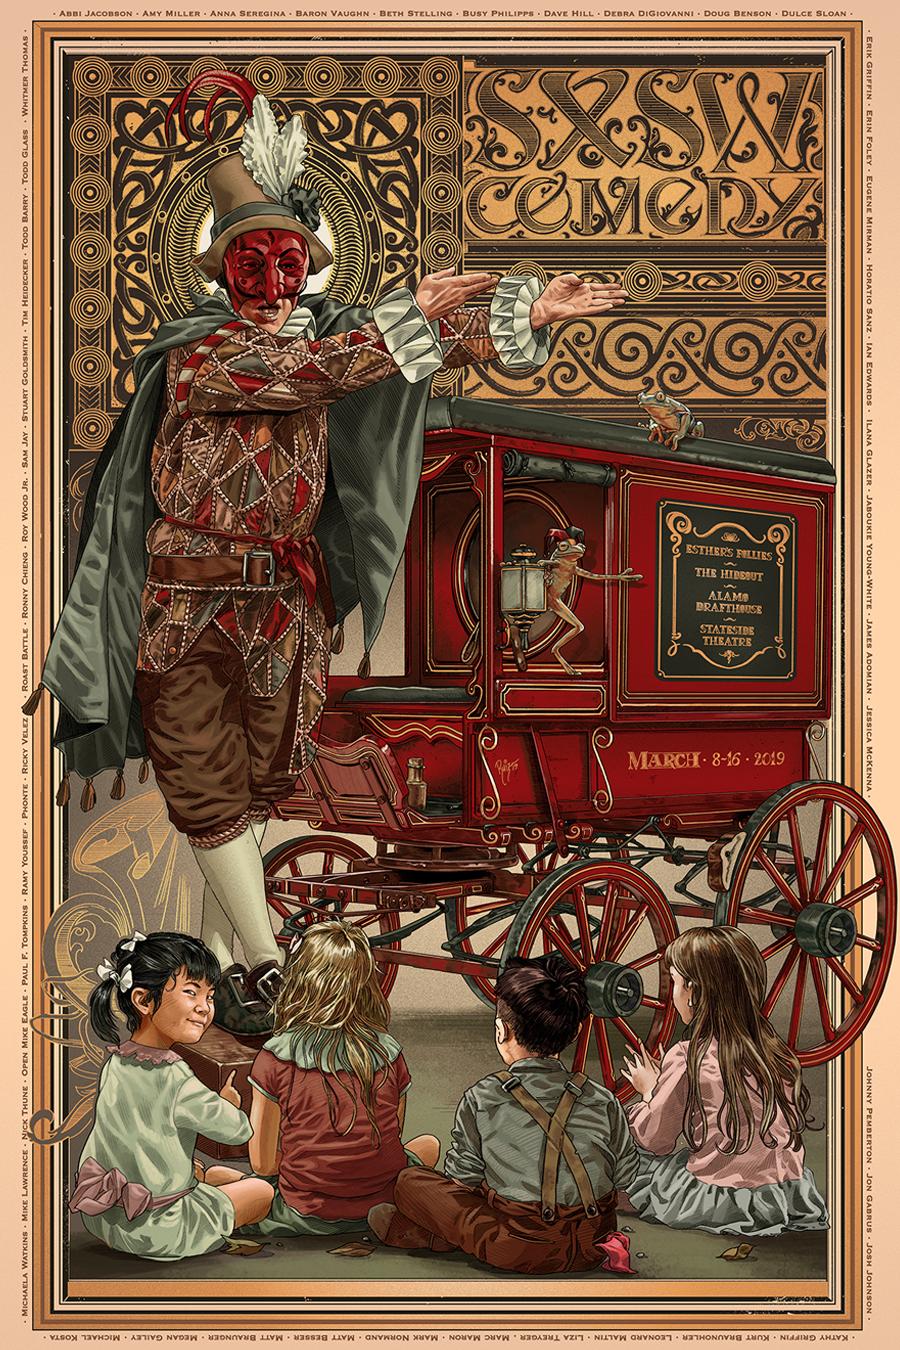 Juan Carlos Ruiz Burgos-SXSW Comedy poster